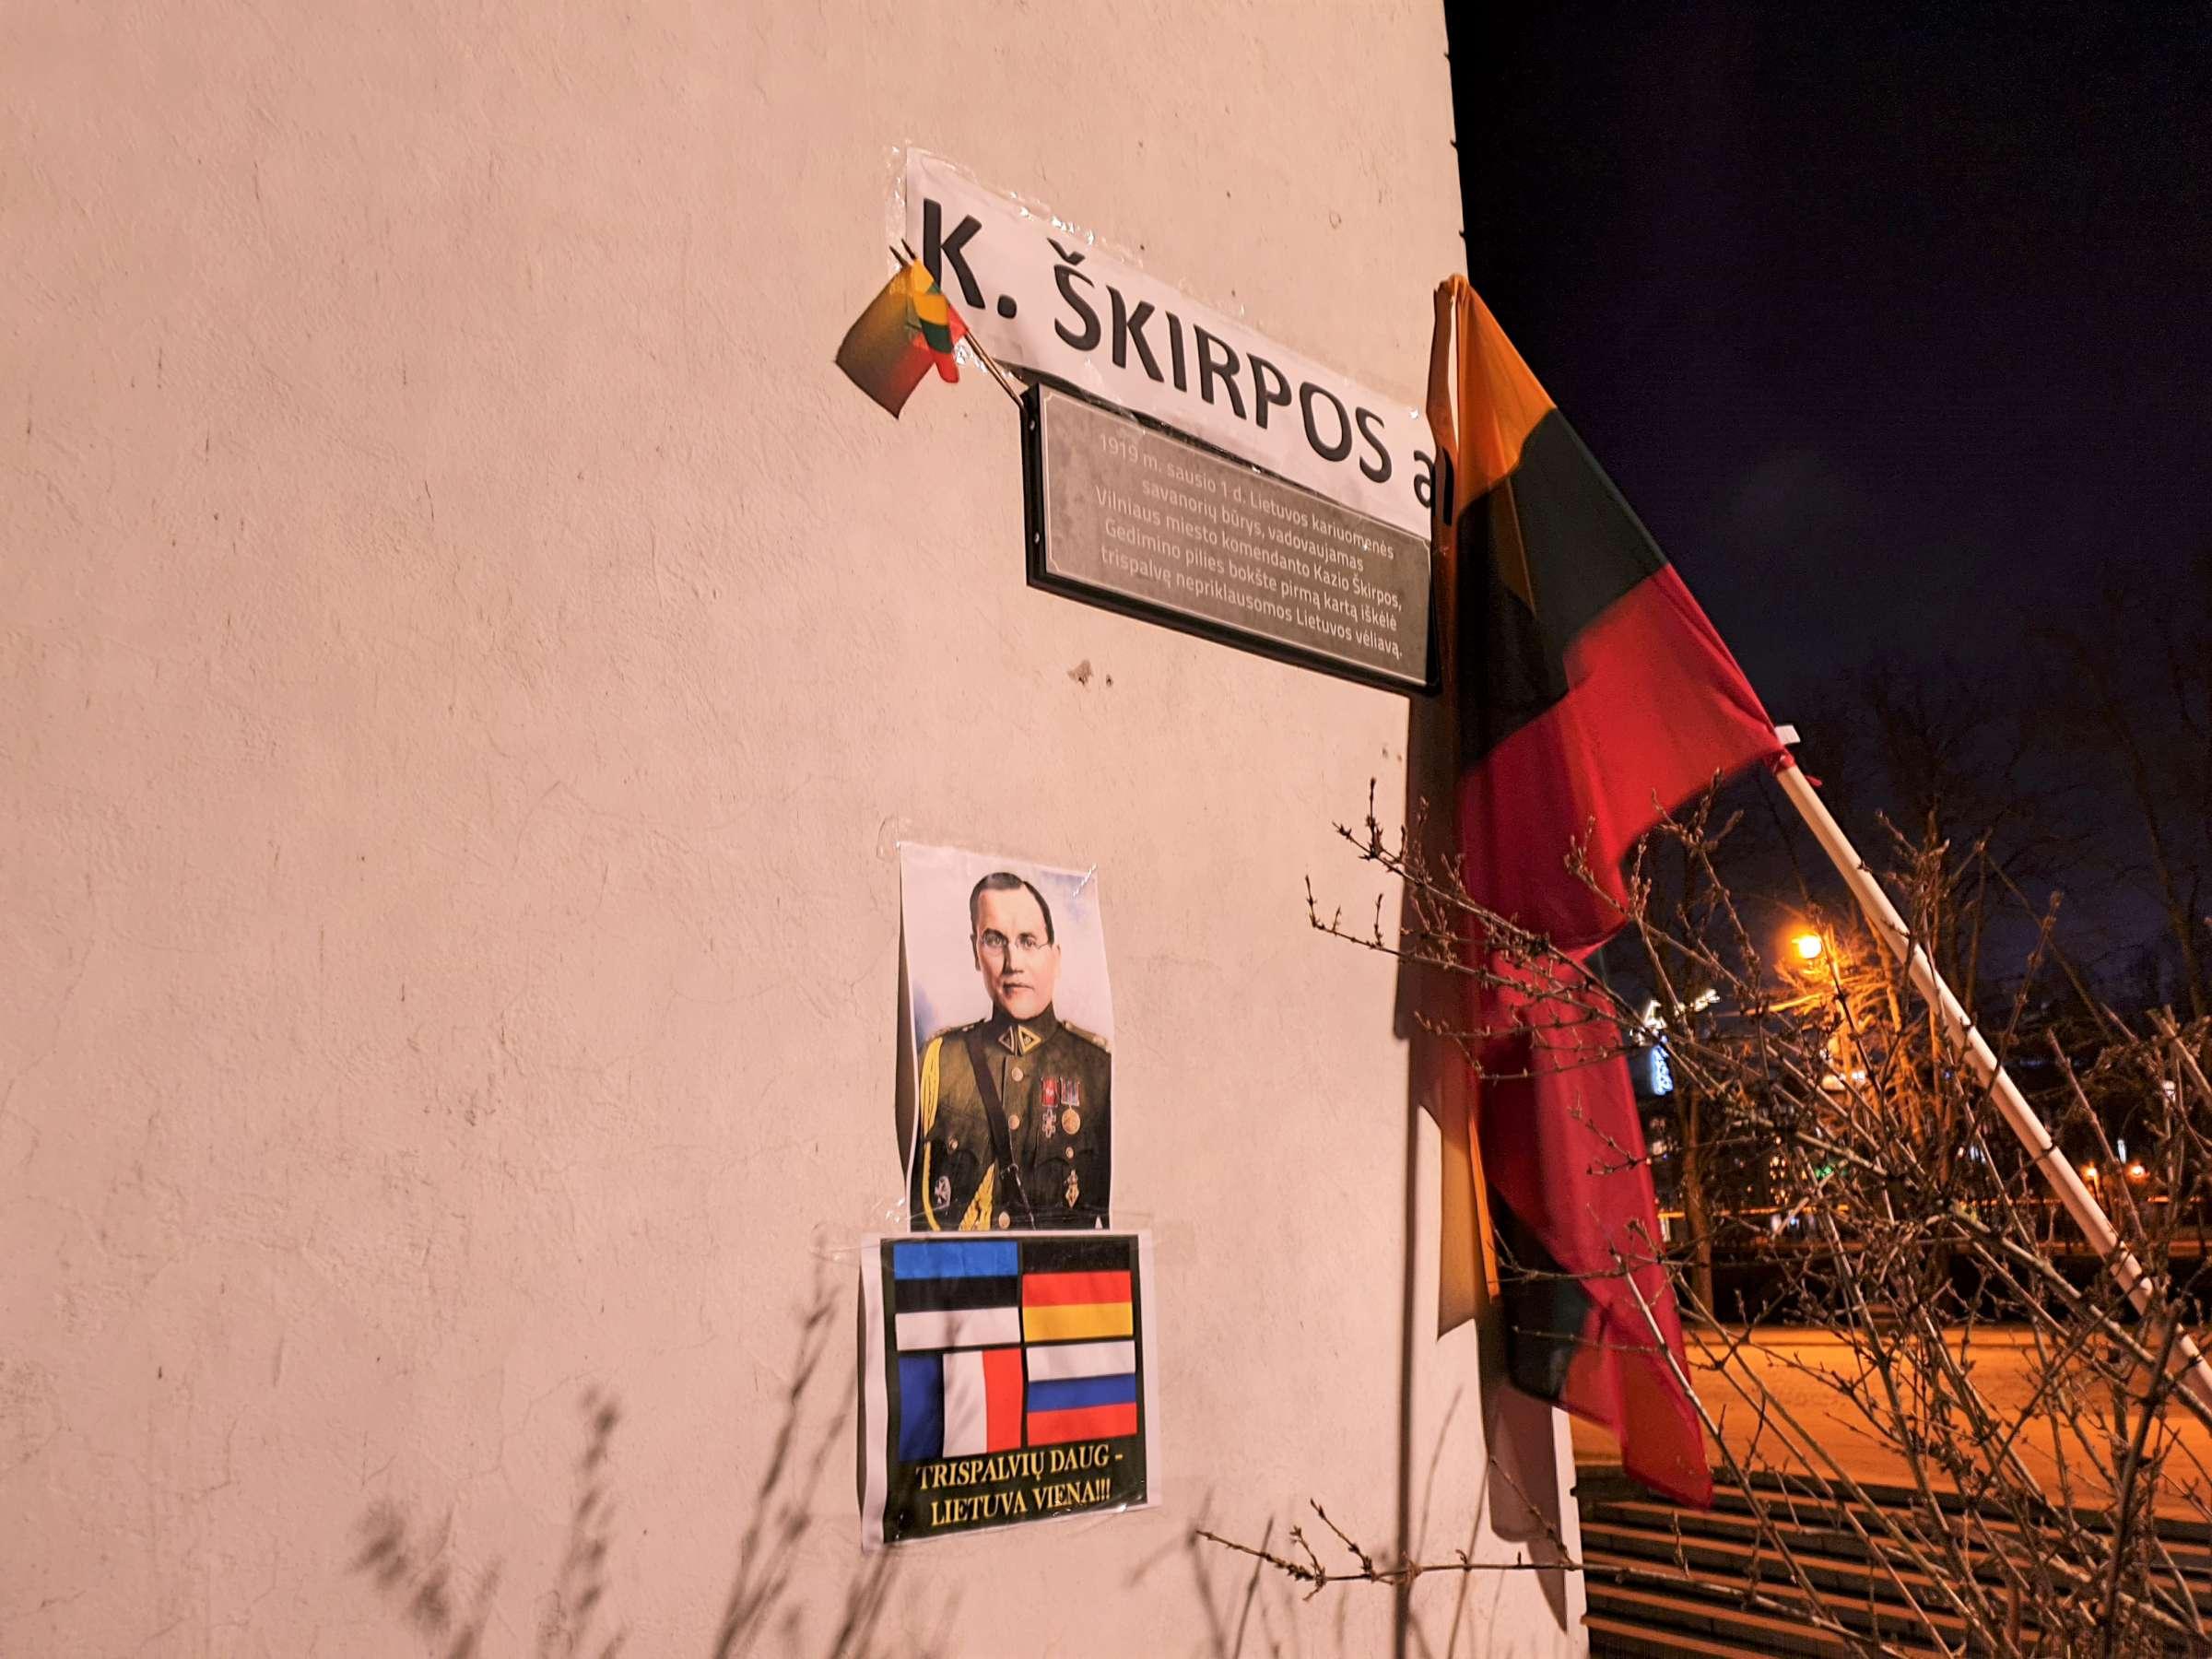 Vilniaus alėjai trumpam vėl gražintas buvęs Kazio Škirpos vardas   Alkas.lt nuotr.